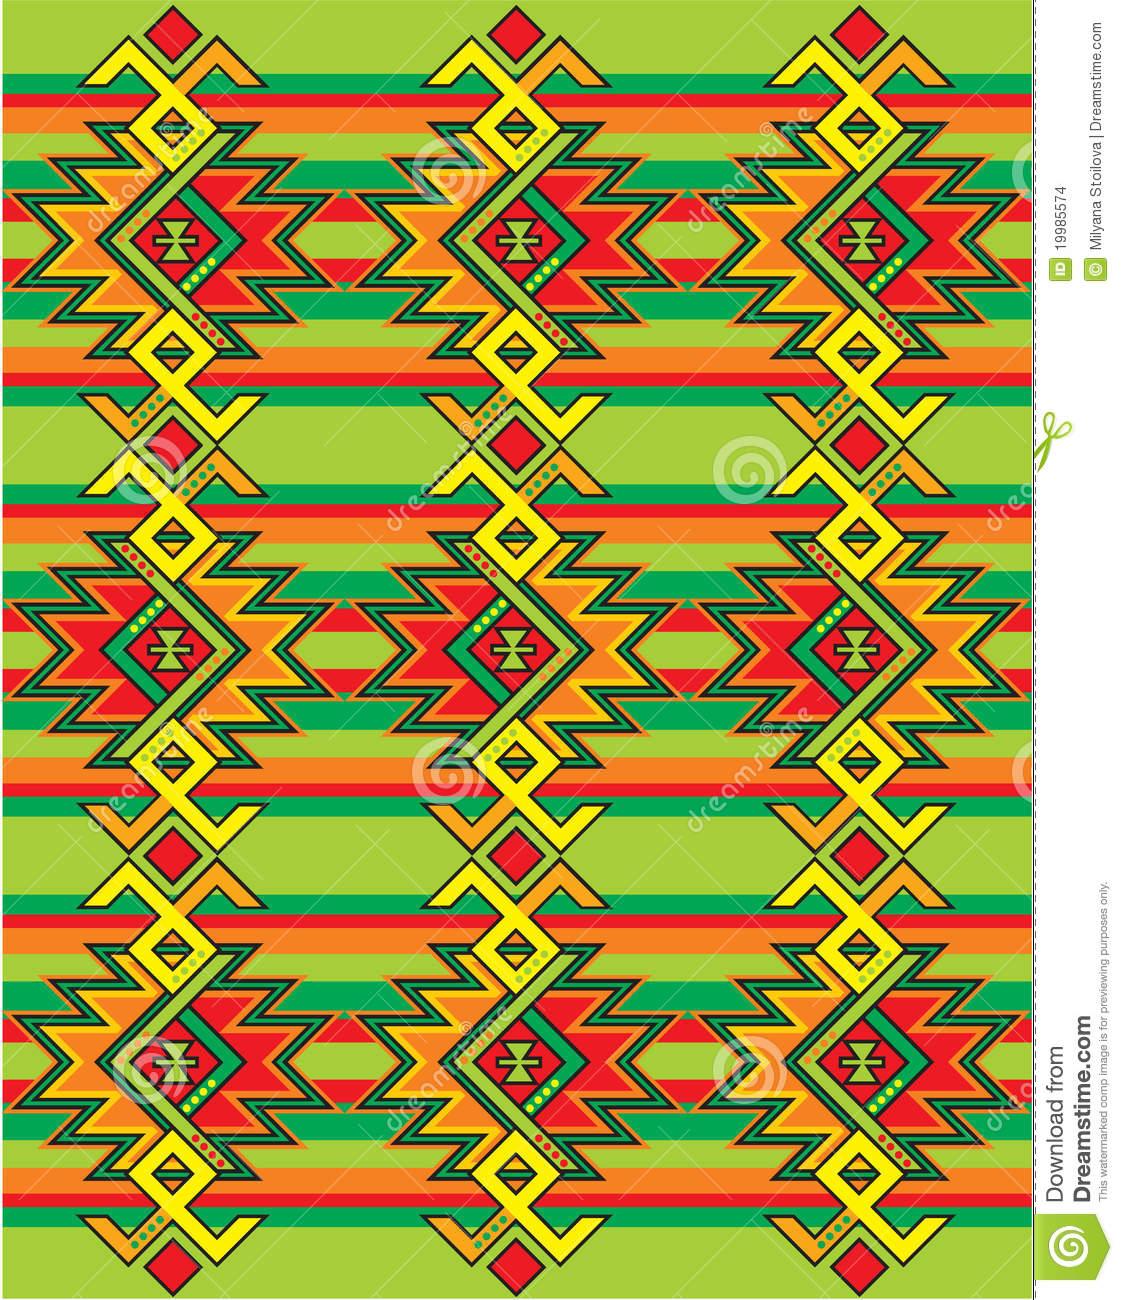 Mexican Wallpaper Designs Mexican wallpaper 1123x1300